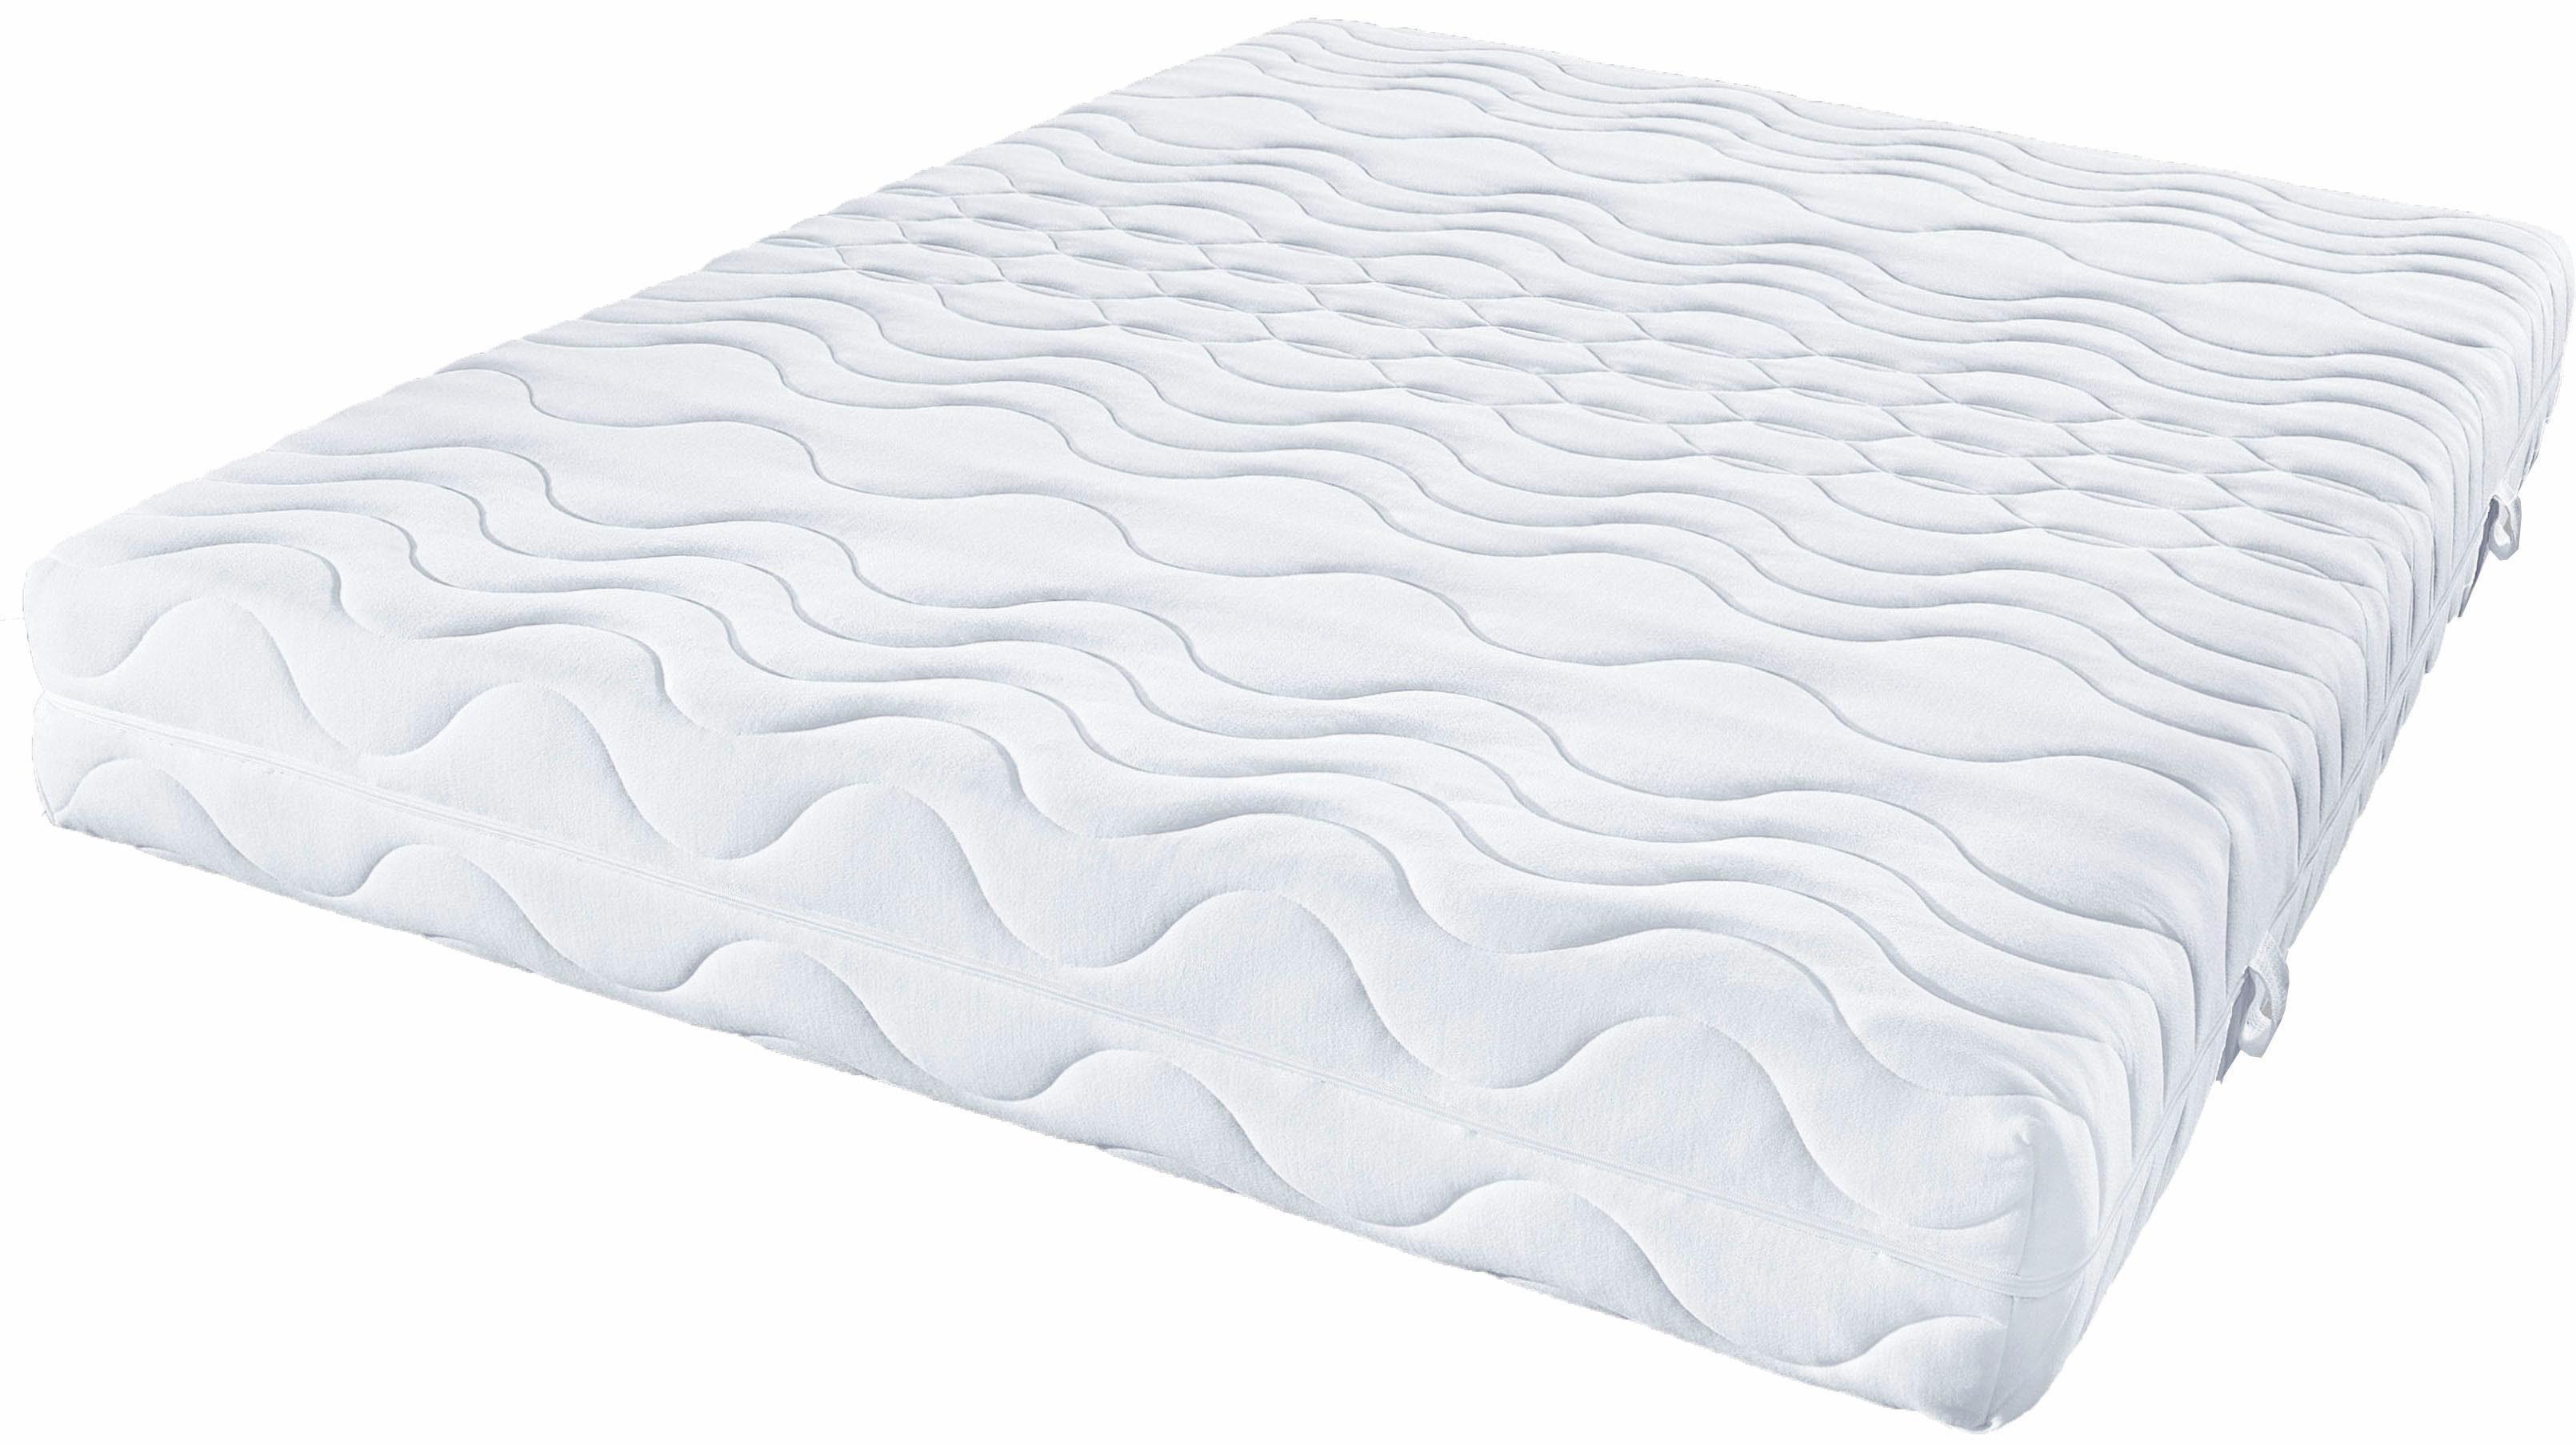 Matrassen kopen keuze uit wel matrassen otto